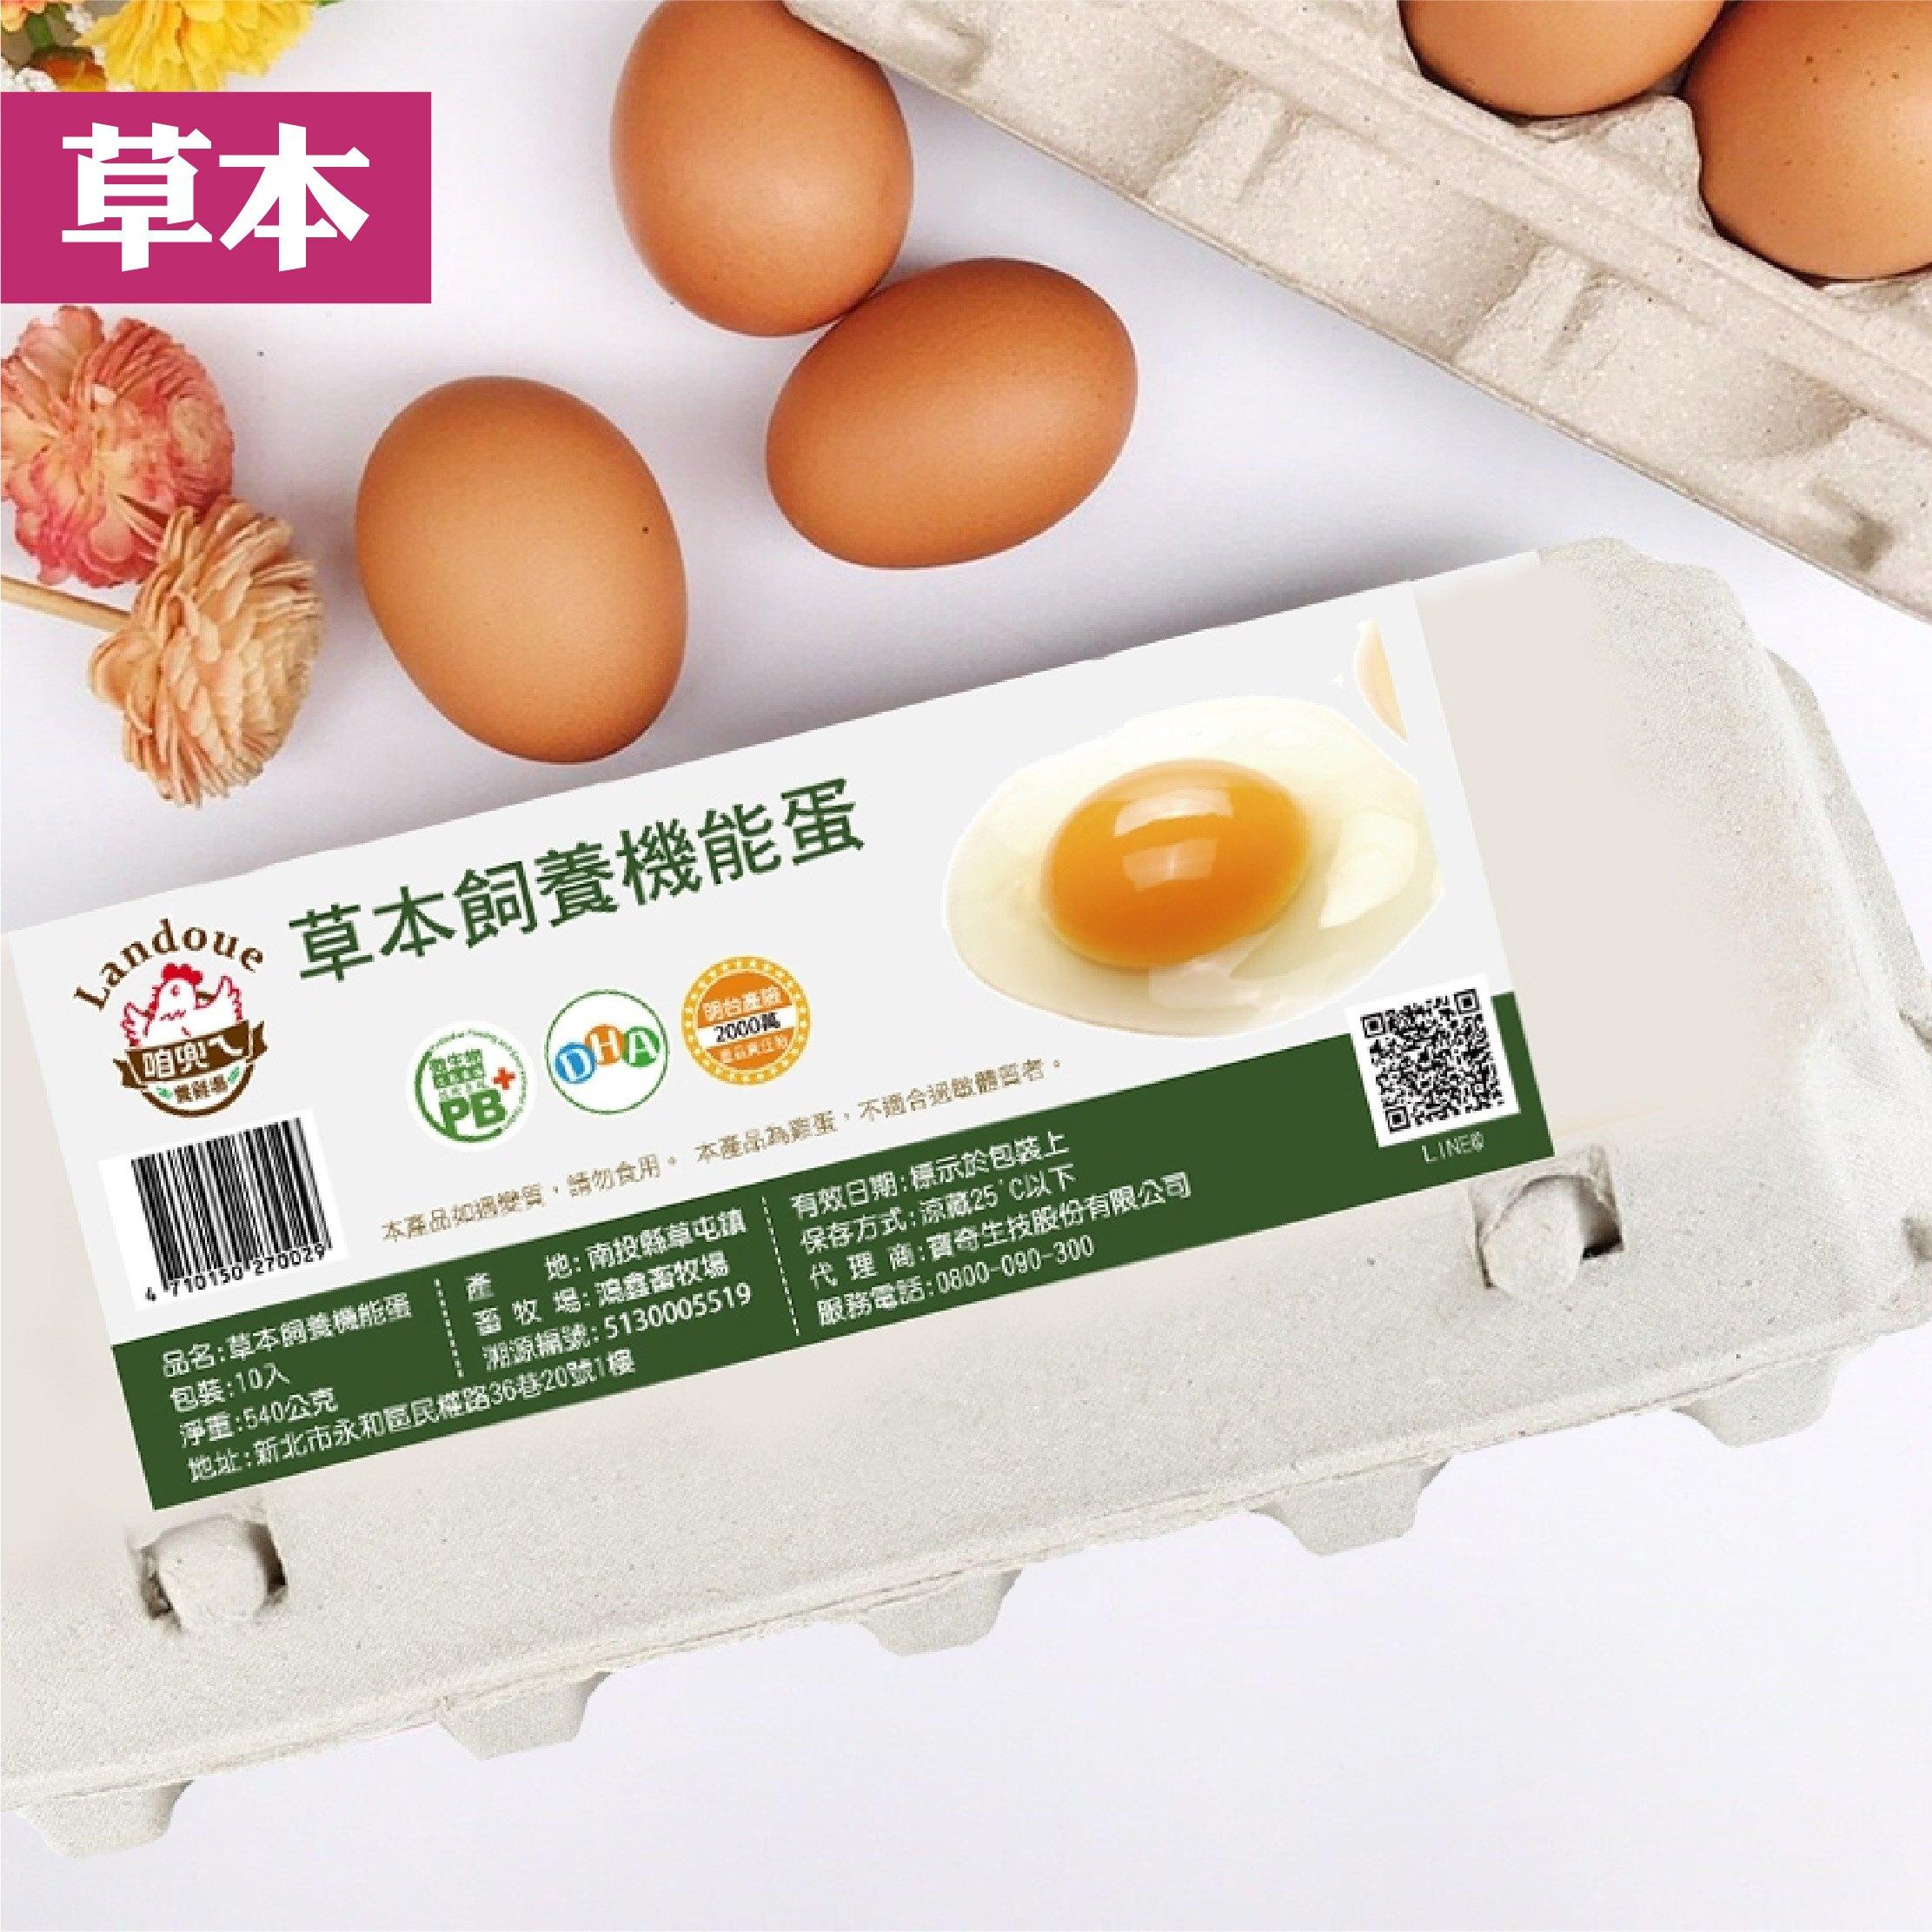 【咱兜ㄟ養雞場】草本DHA飼養機能雞蛋 40顆宅配禮盒組 10入/4盒 紅殼 豐富DHA含量 機能蛋